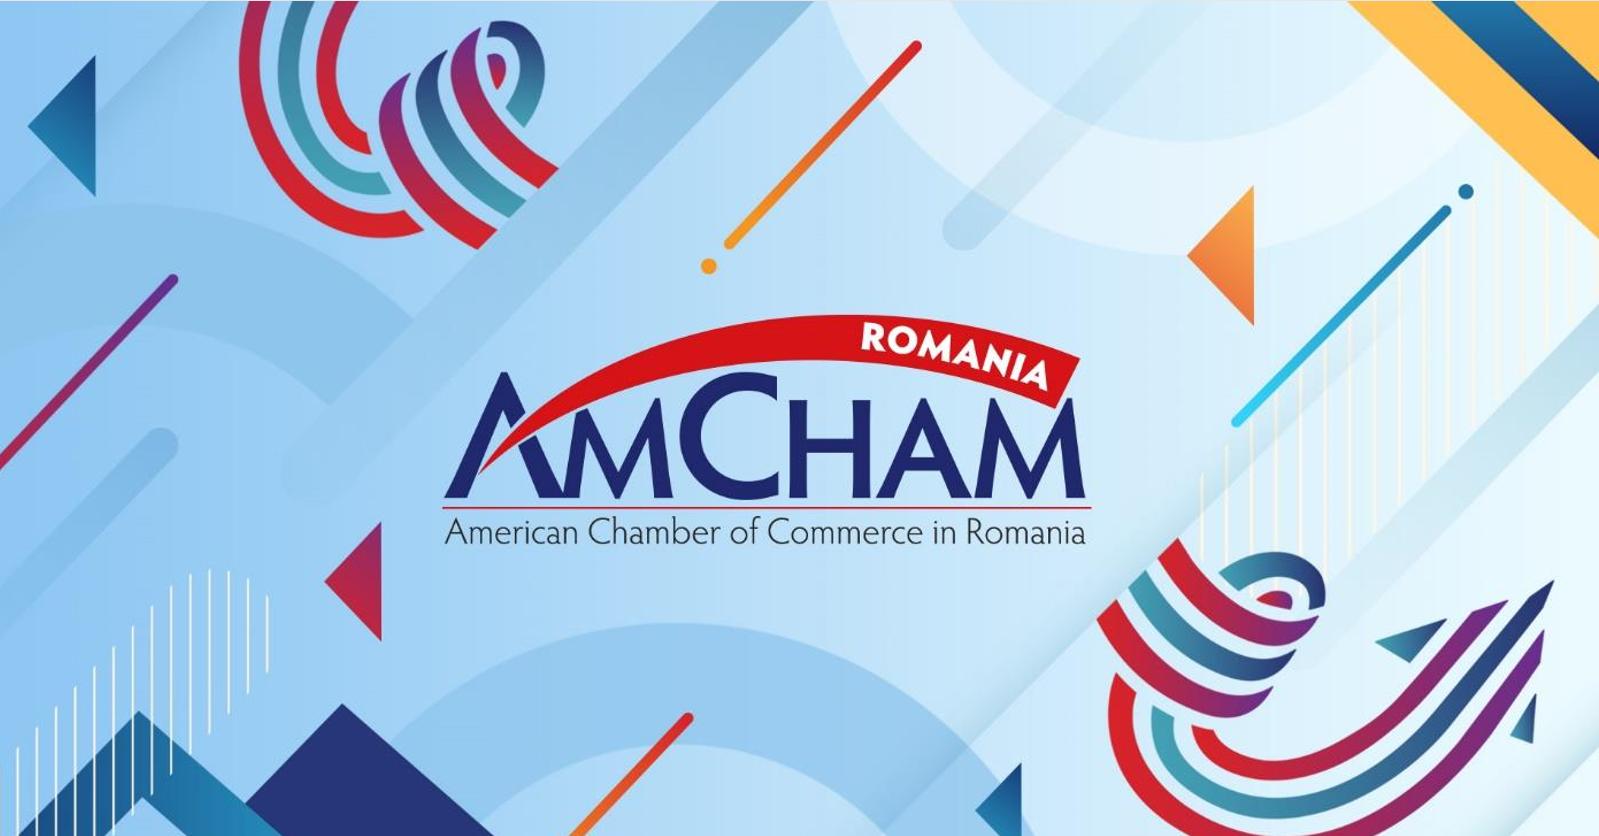 AmCham Romania a prezentat rezultatele unei noi editii a sondajului privind calitatea climatului investitional in Romania.